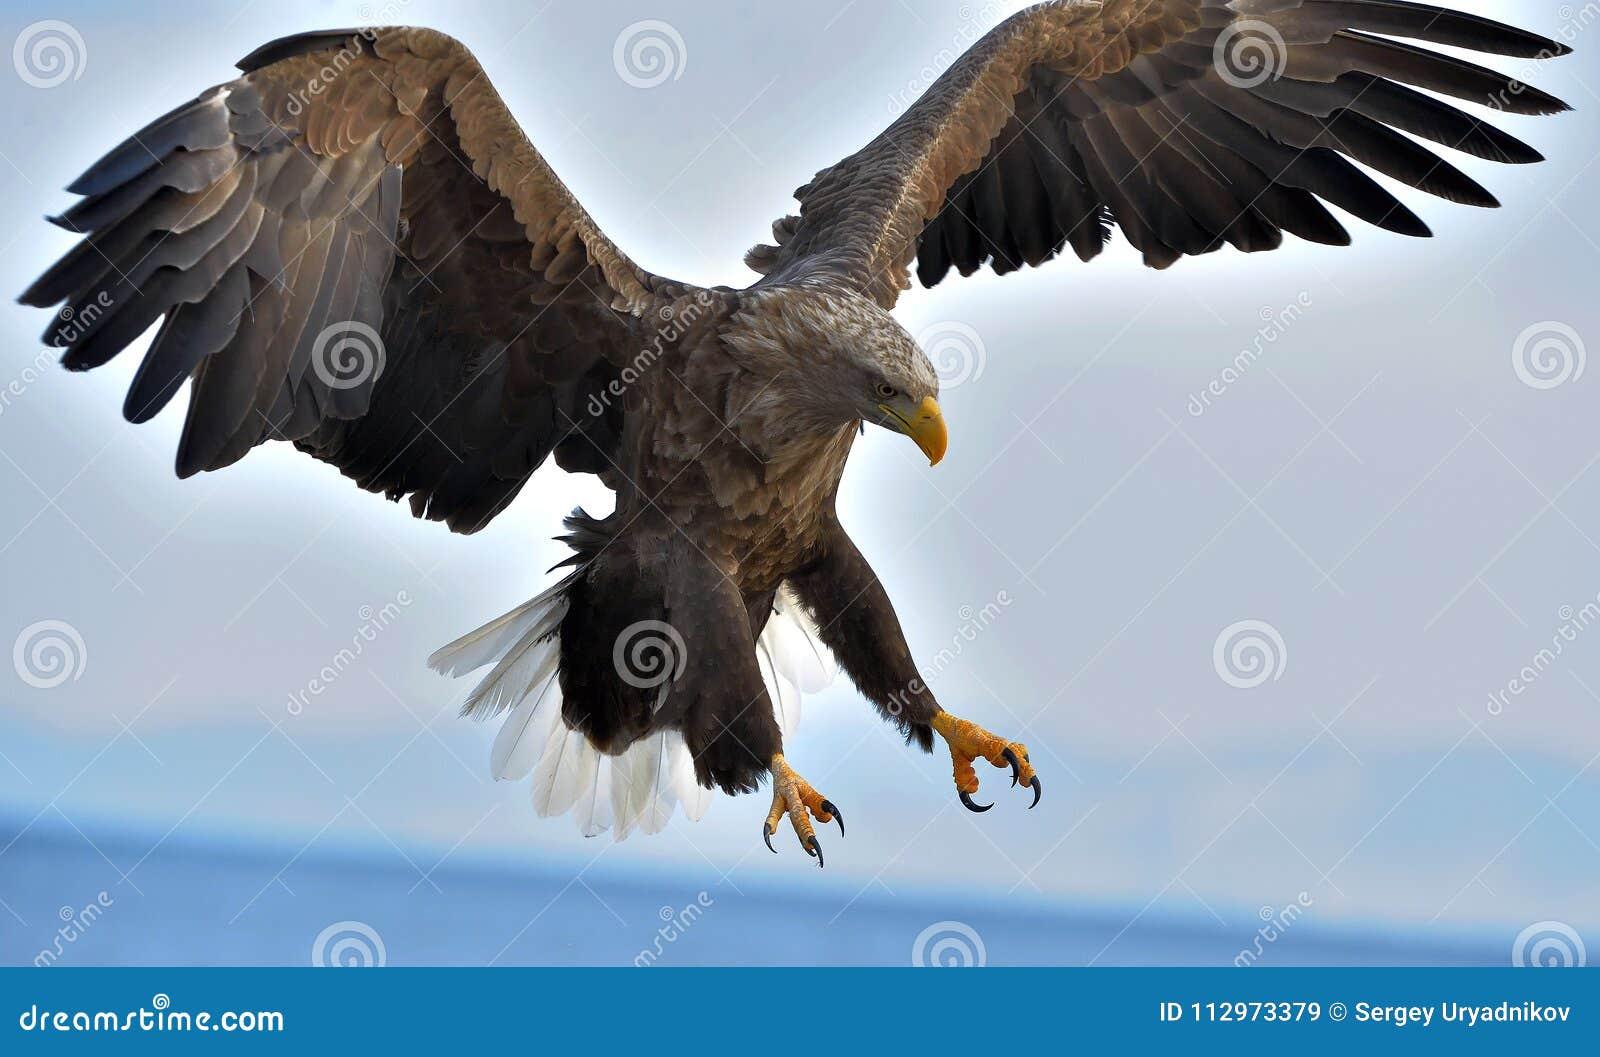 Erwachsener Seeadler im Flug Wissenschaftlicher Name: Haliaeetus albicilla